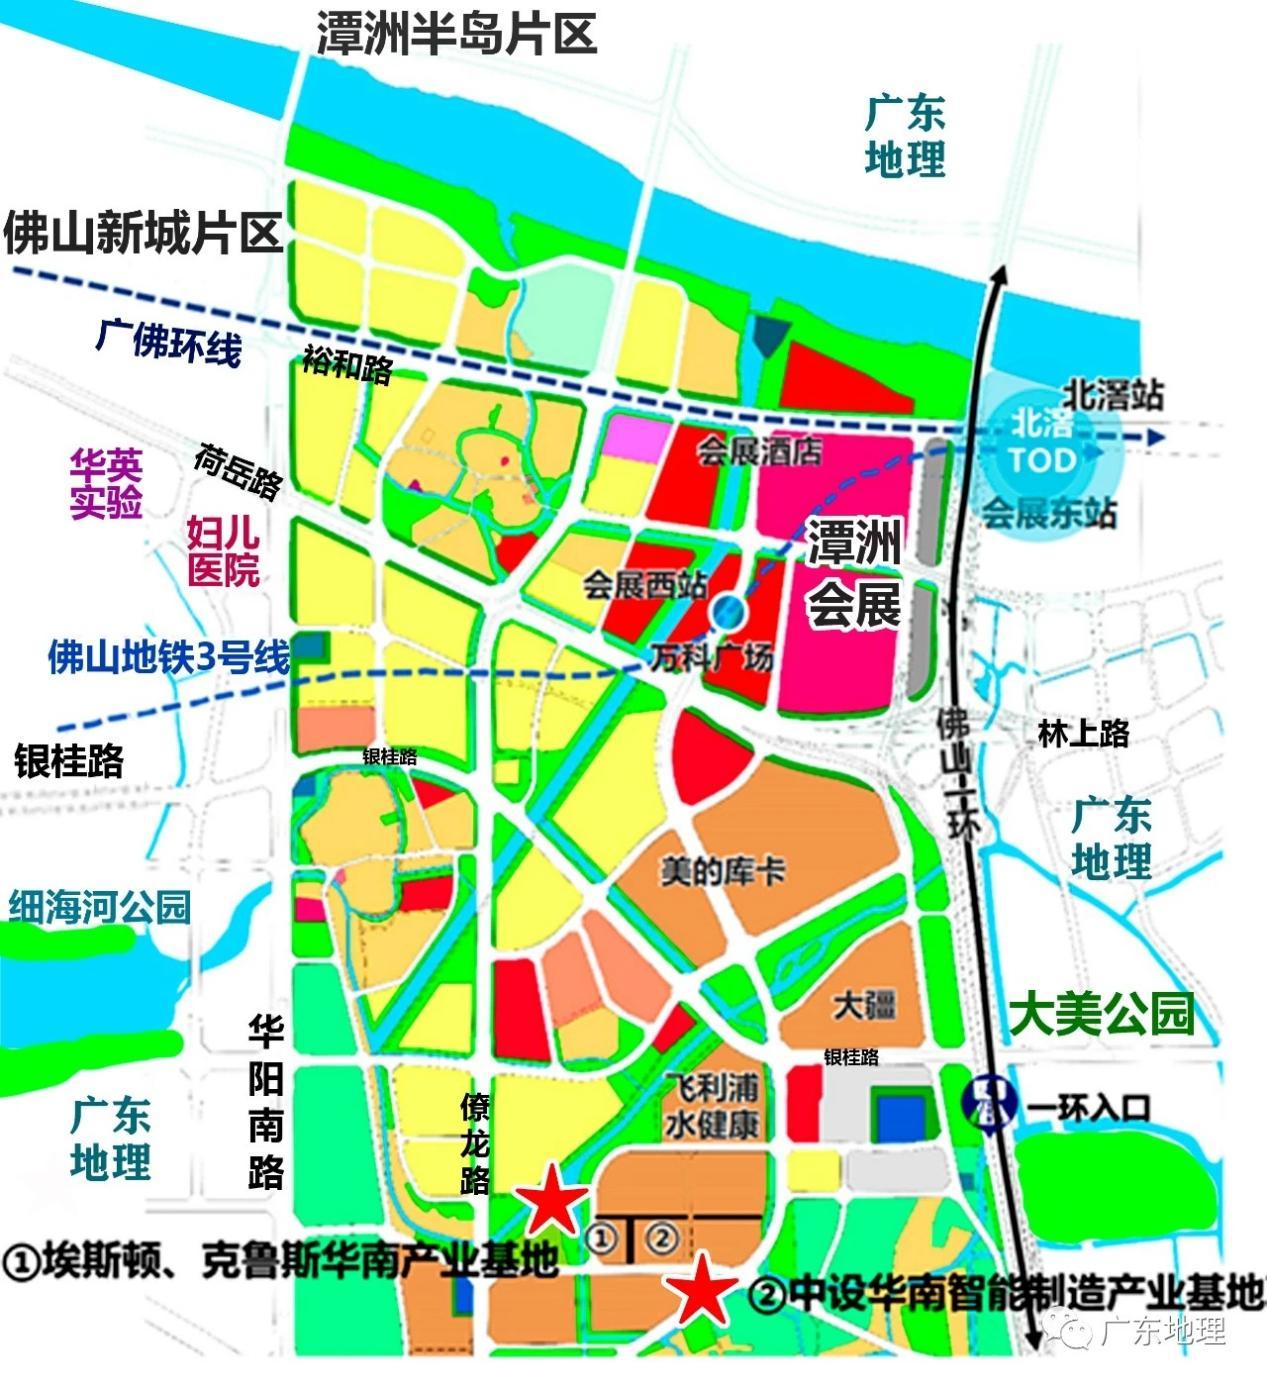 """在这个92平方公里的""""中国最牛""""小镇上,有那些投资新机遇?"""